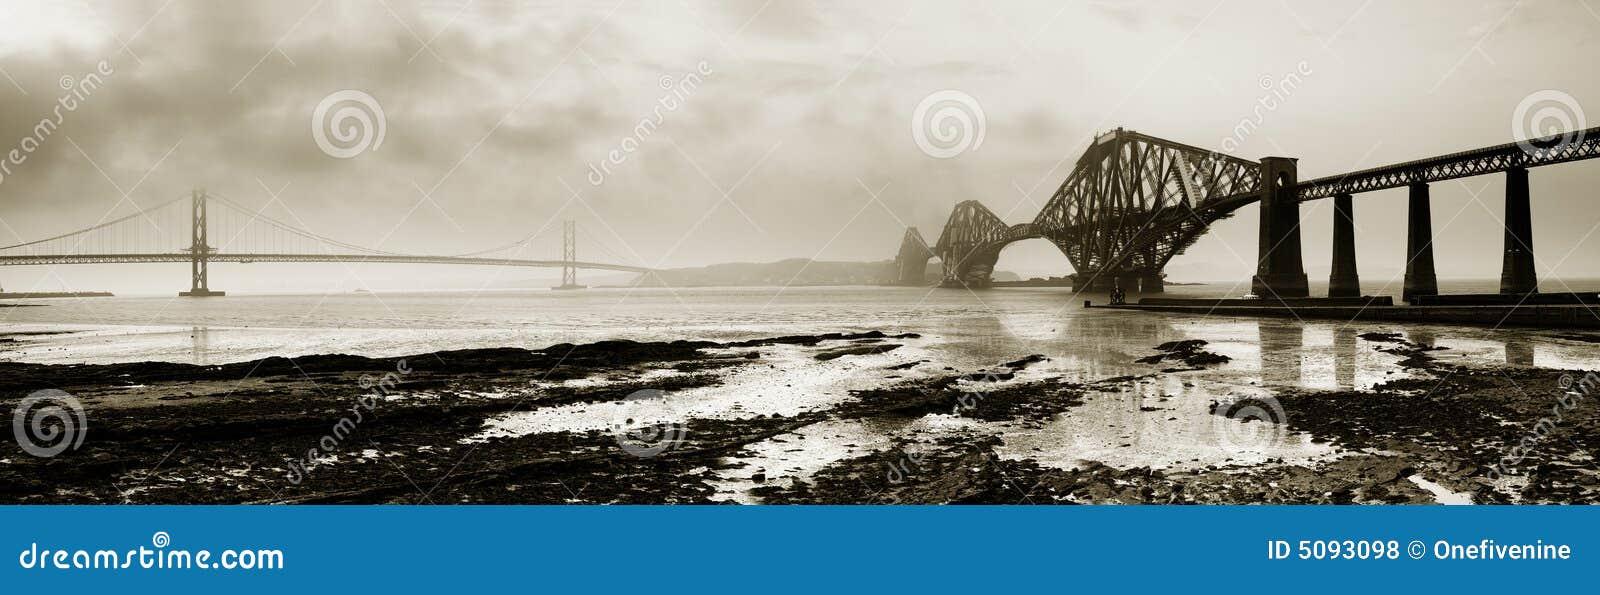 Naprzód monochromatyczny panor mostów